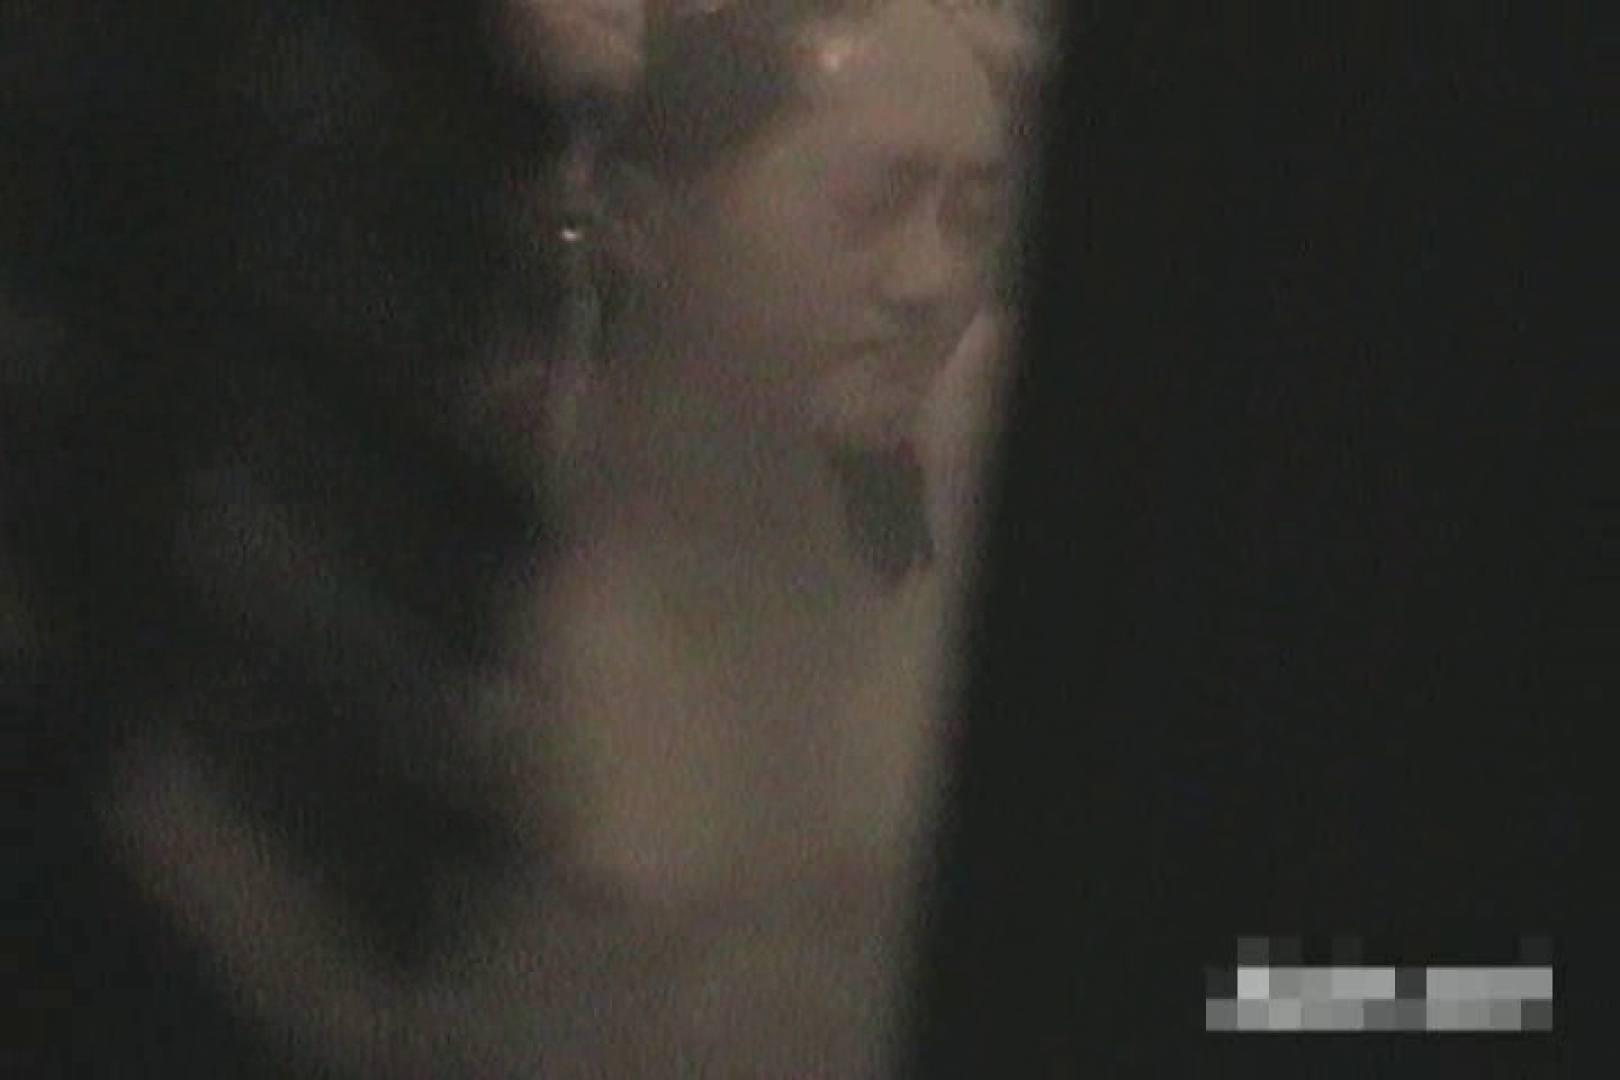 激撮ストーカー記録あなたのお宅拝見しますVol.5 性欲 盗撮動画紹介 70pic 26